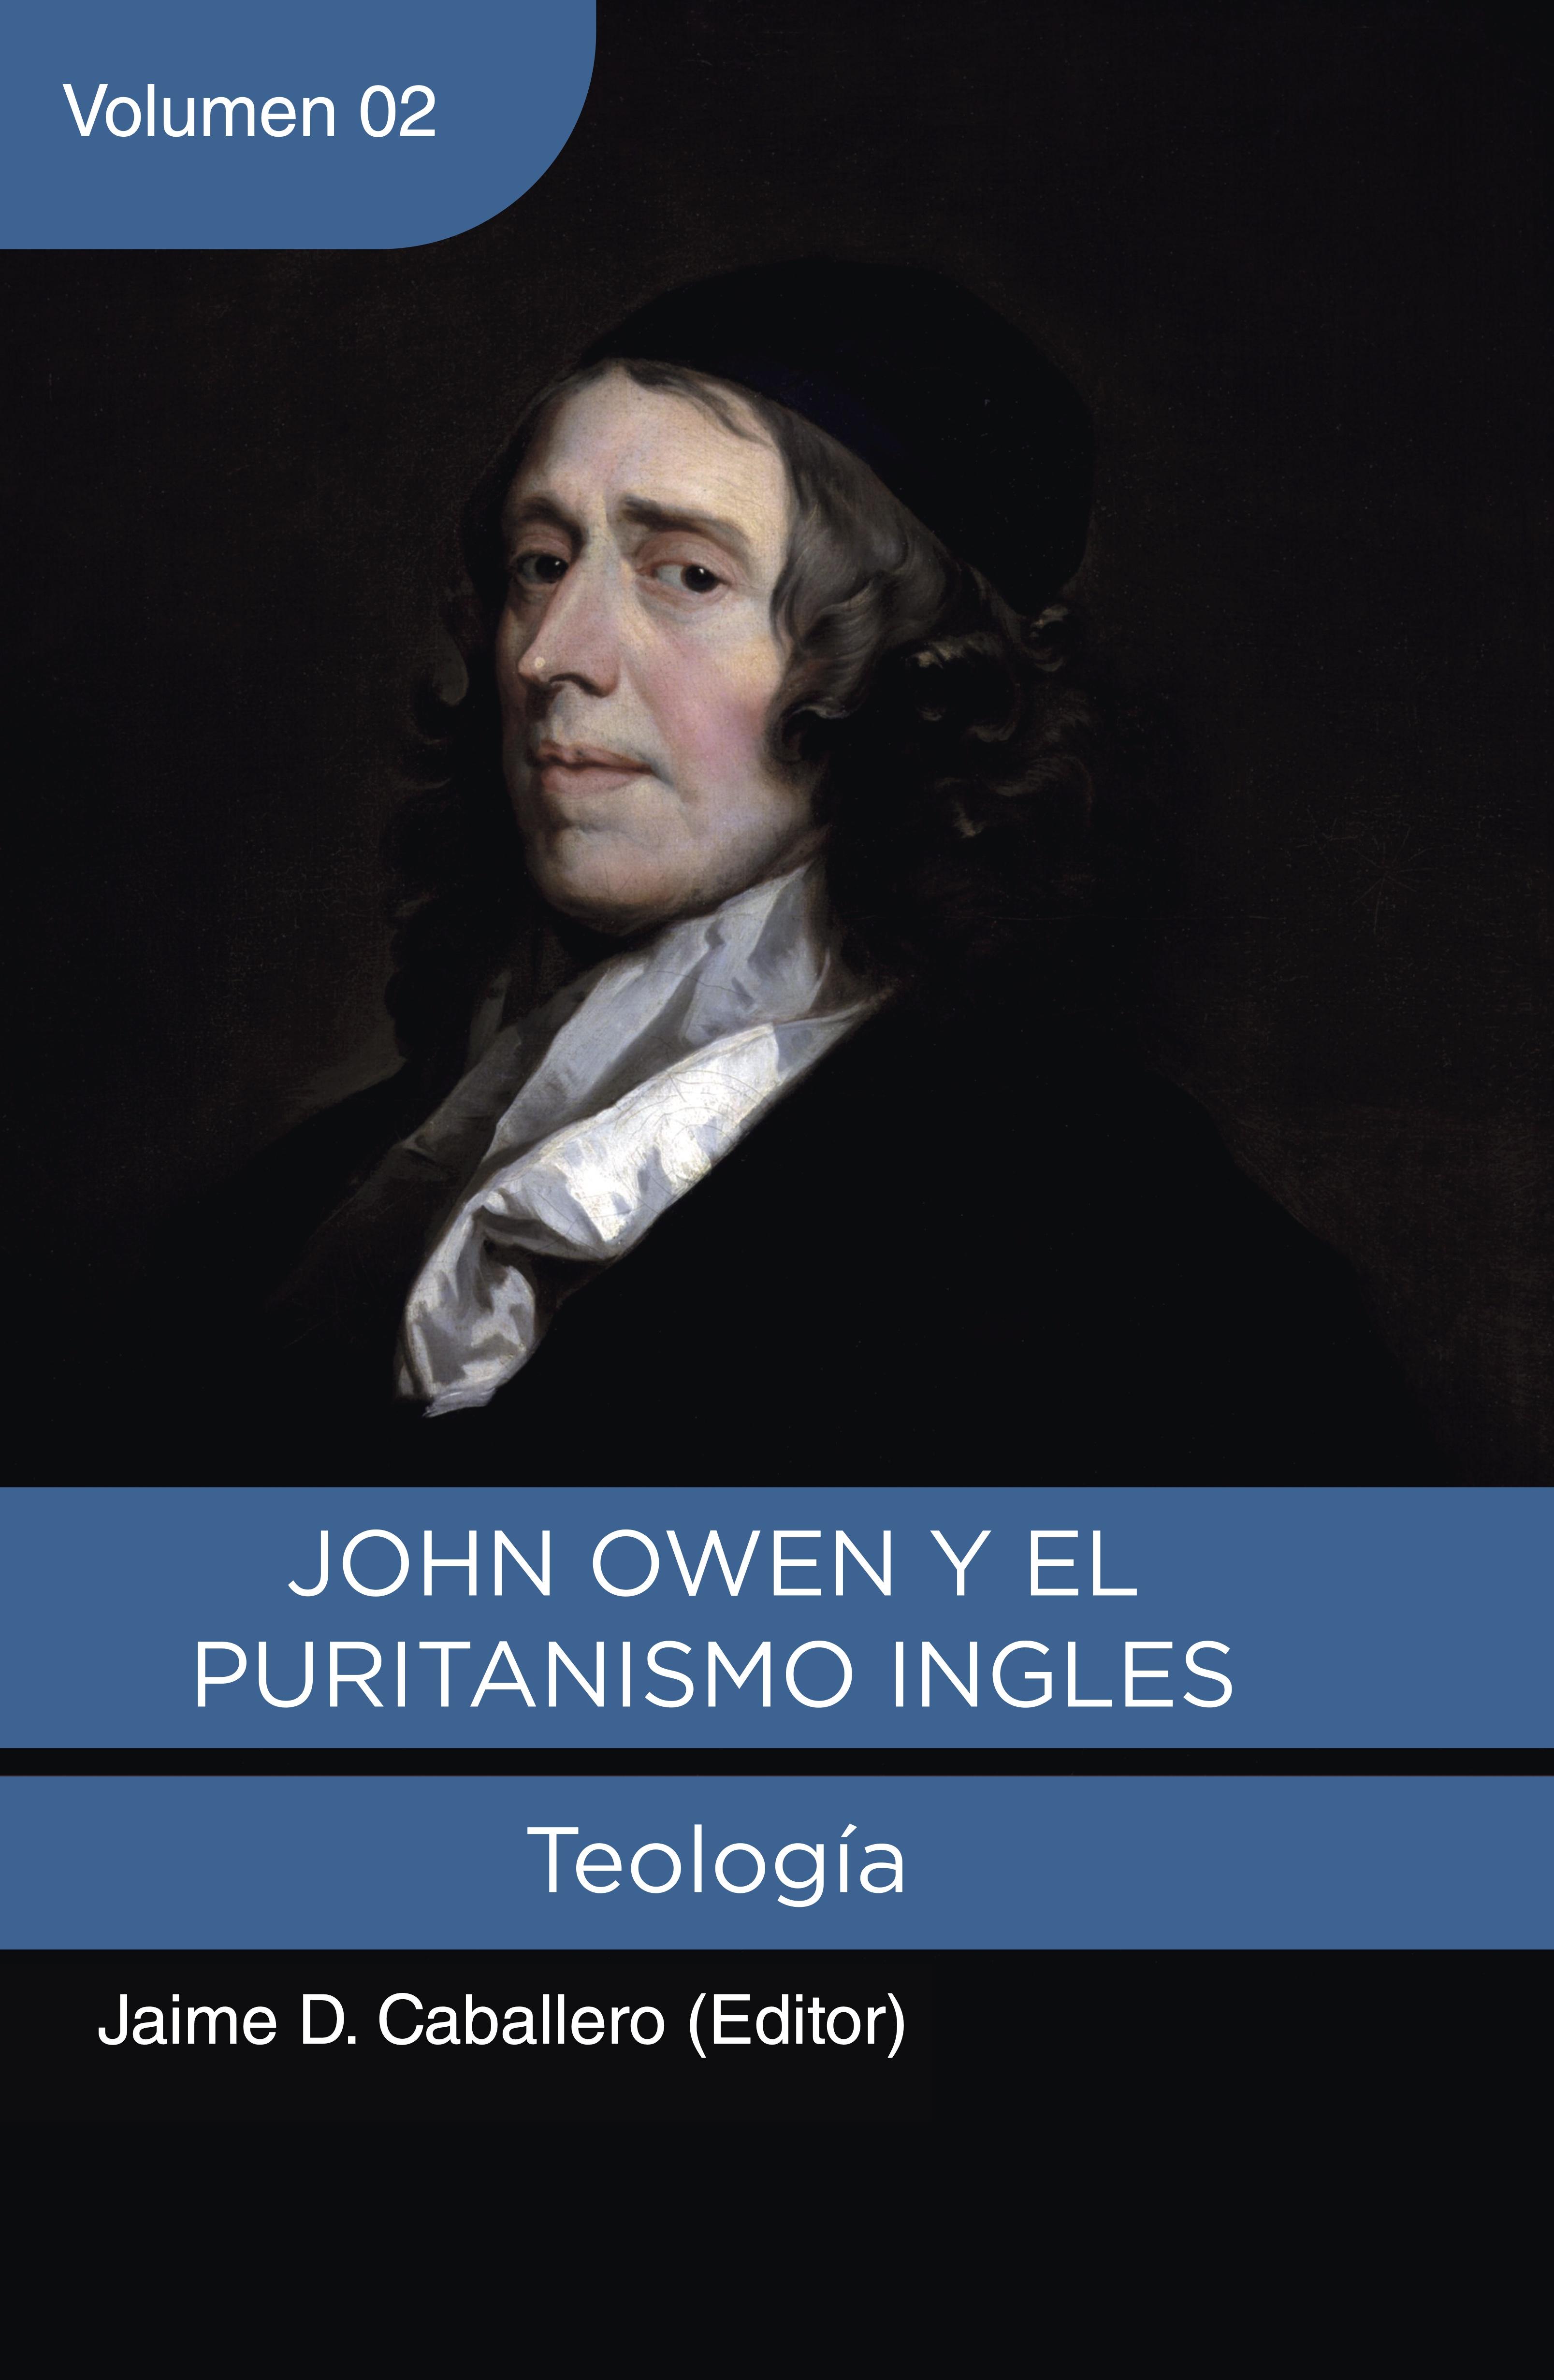 John Owen y el Puritanismo Ingles - Vol. 2 (Nuevo)